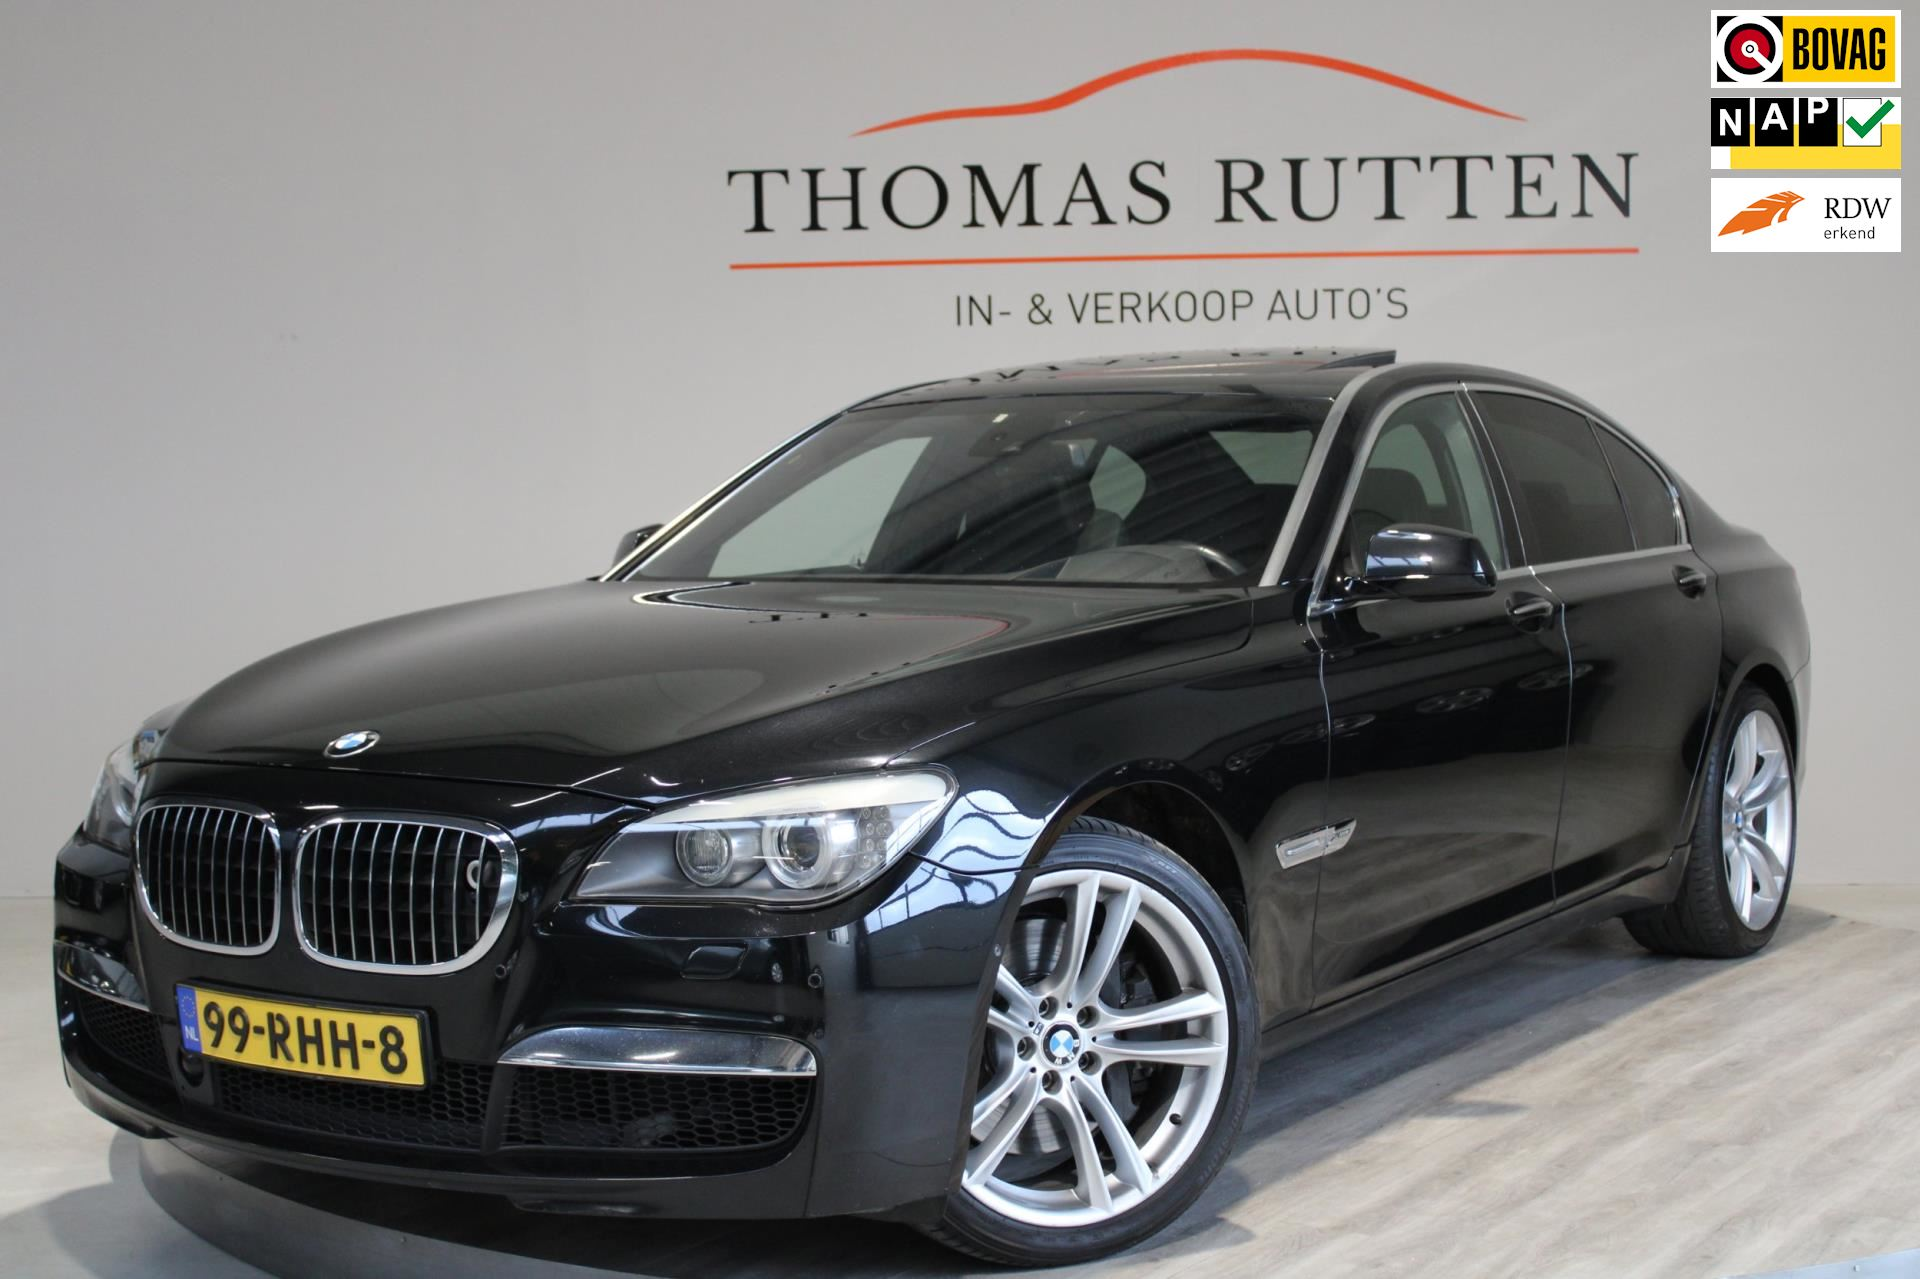 BMW 7-serie occasion - Autobedrijf Thomas Rutten